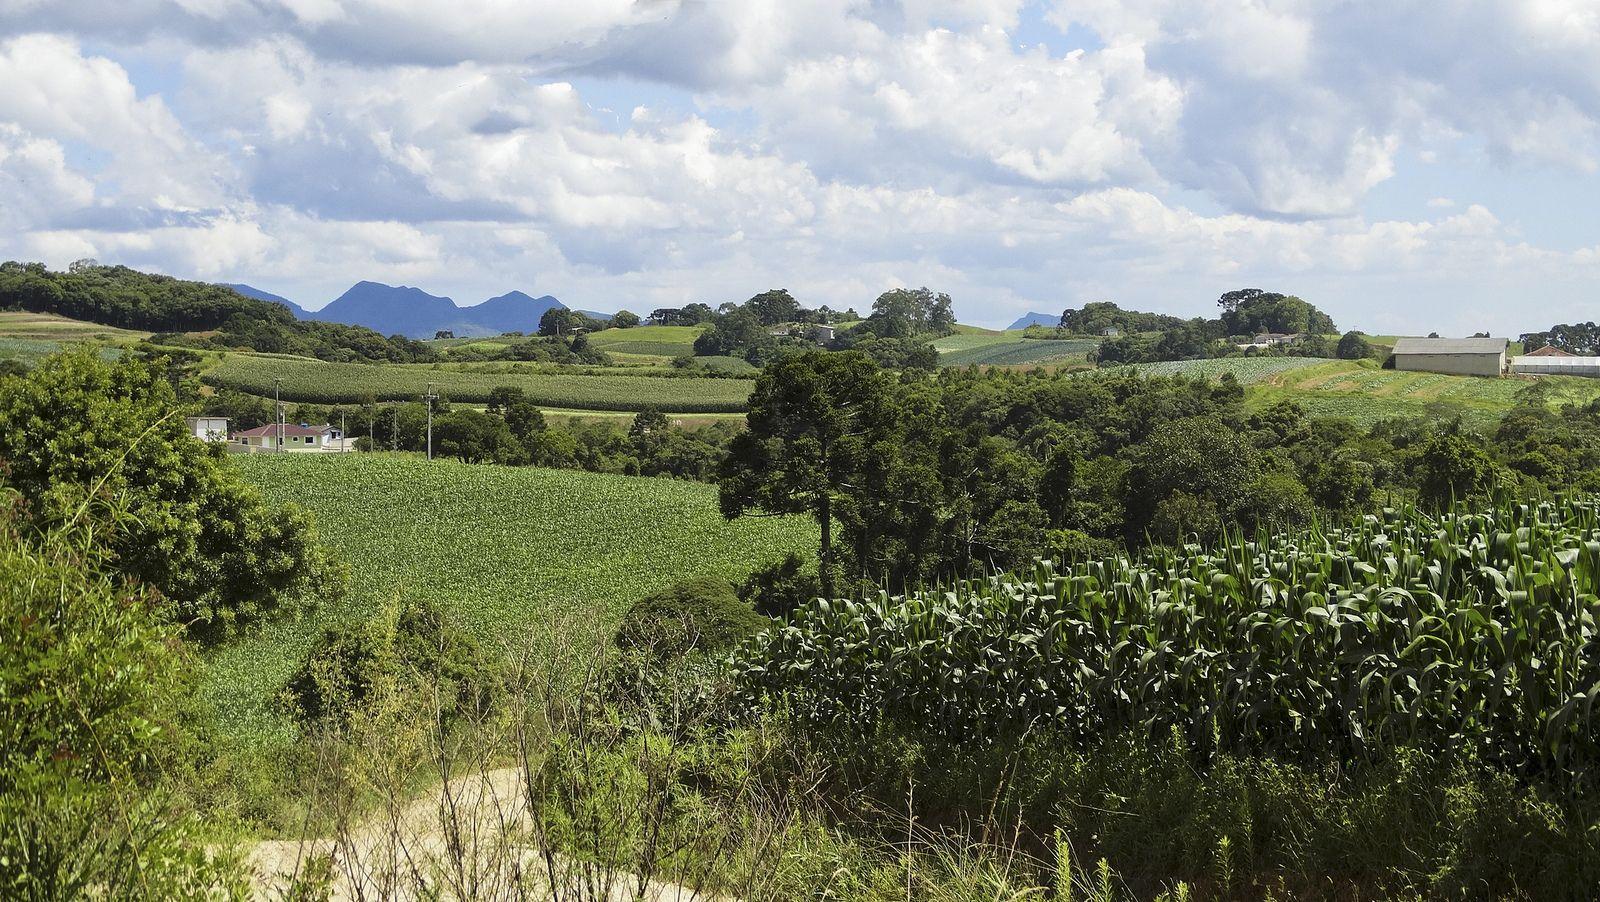 https://flic.kr/p/jQM3U8 | Meu Paraná: Paisagem Rural em São José dos Pinhais | Bonita e típica paisagem rural da região sul do Paraná. Essa área se situa na Colônia Murici, no município de São José dos Pinhais, região Metropolitana de Curitiba.